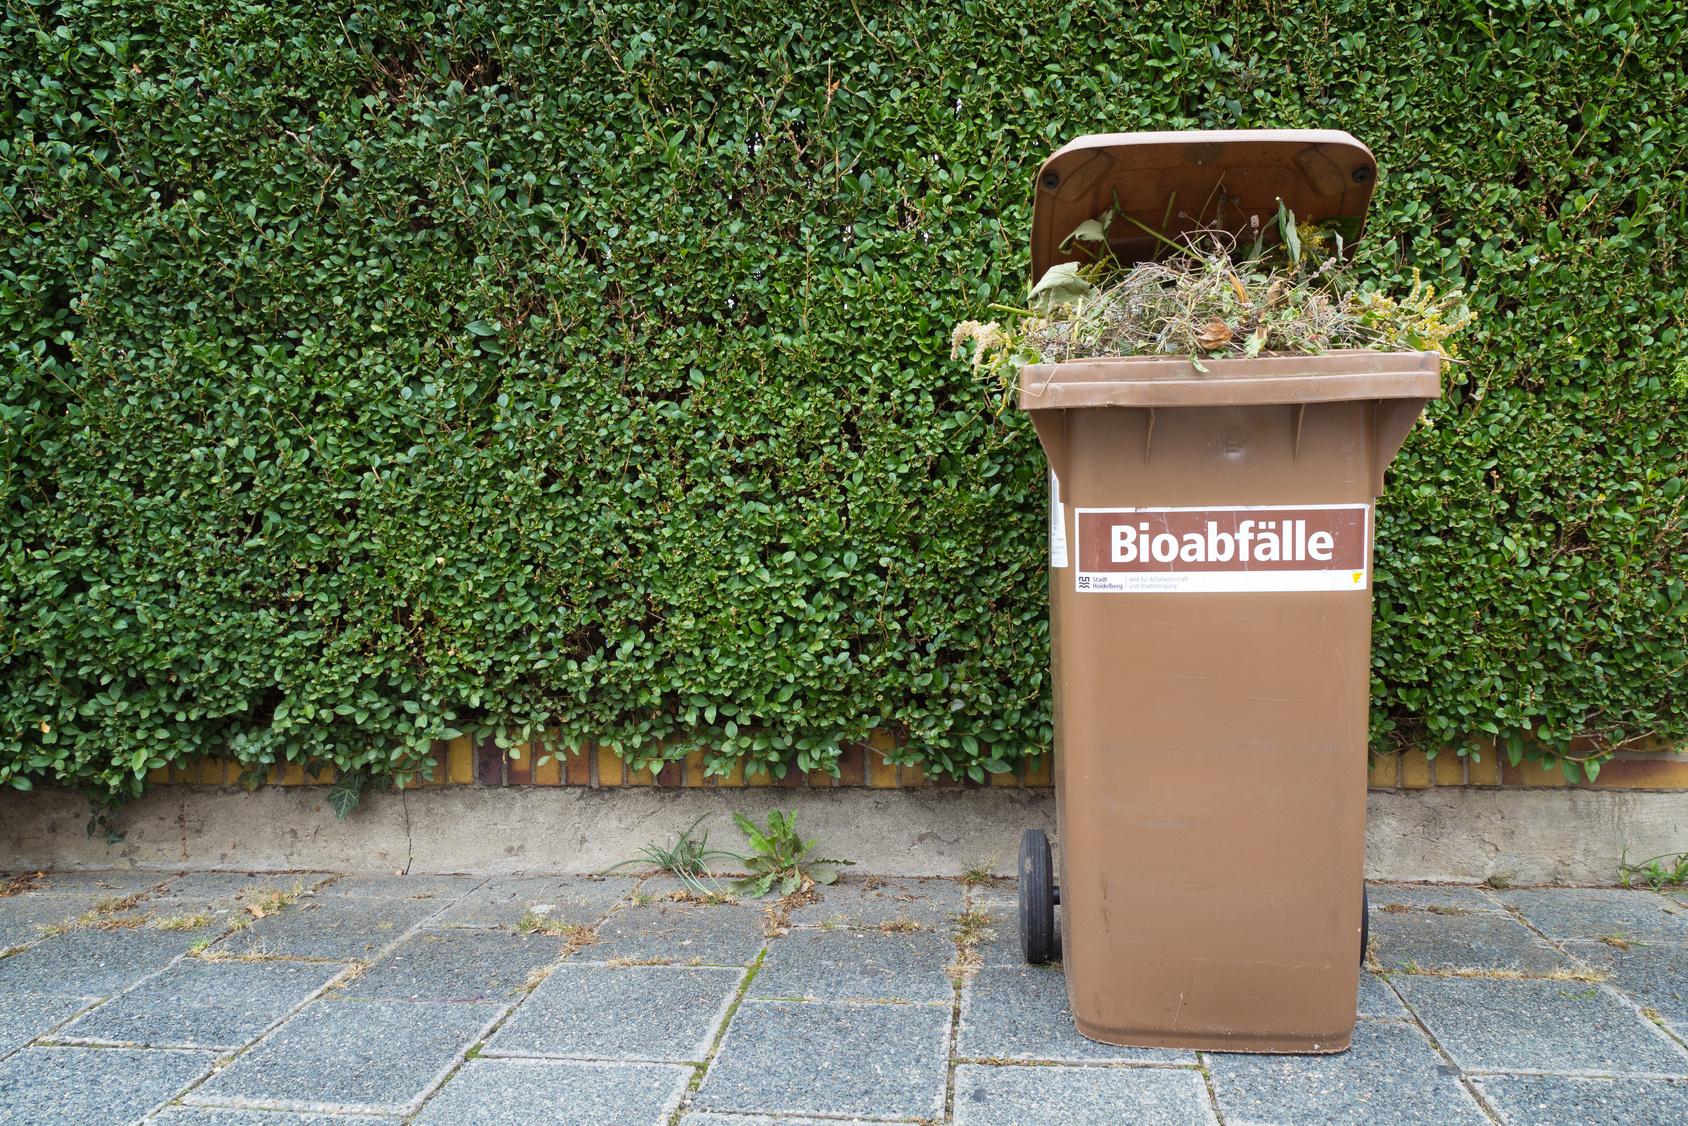 Biomüll Im Sommer Küche : Aufkleber biomüll mÜlltrennung mÜlleimer mÜlltonne